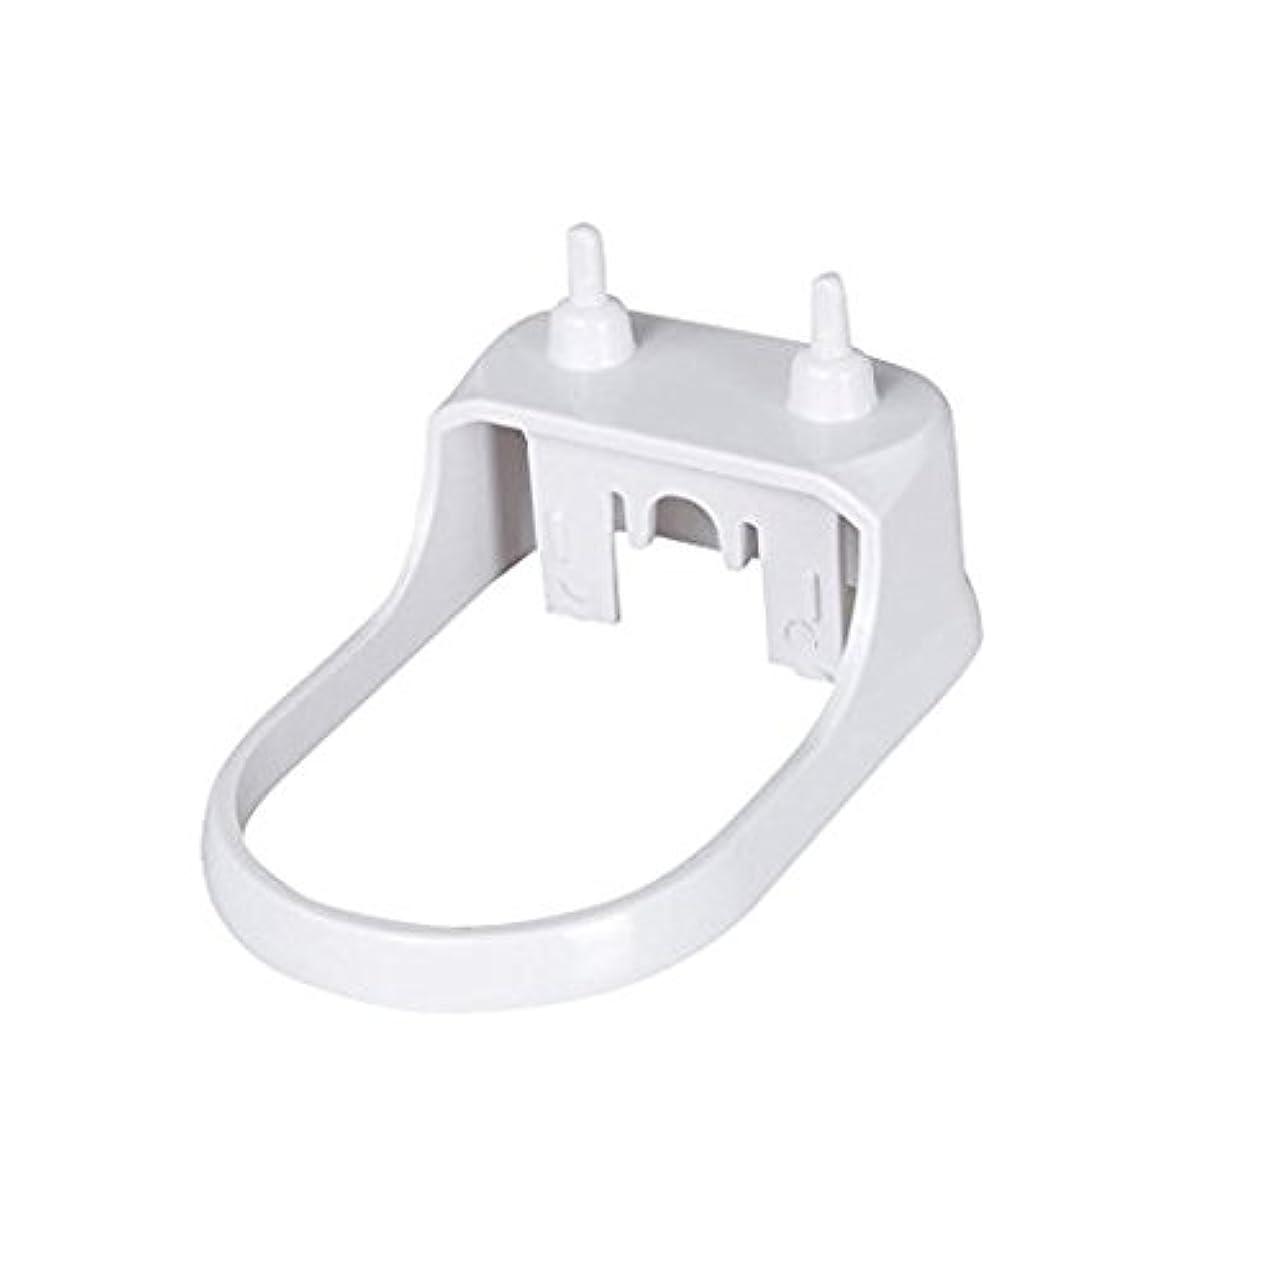 つらい転用スーパーマーケットハードプラスチックスタンド for Philips sonicare 電動歯ブラシ専用 携帯用小型充電器 フィリップス ソニッケアー音波電動歯ブラシ 充電器 by Kadior (ホワイト)